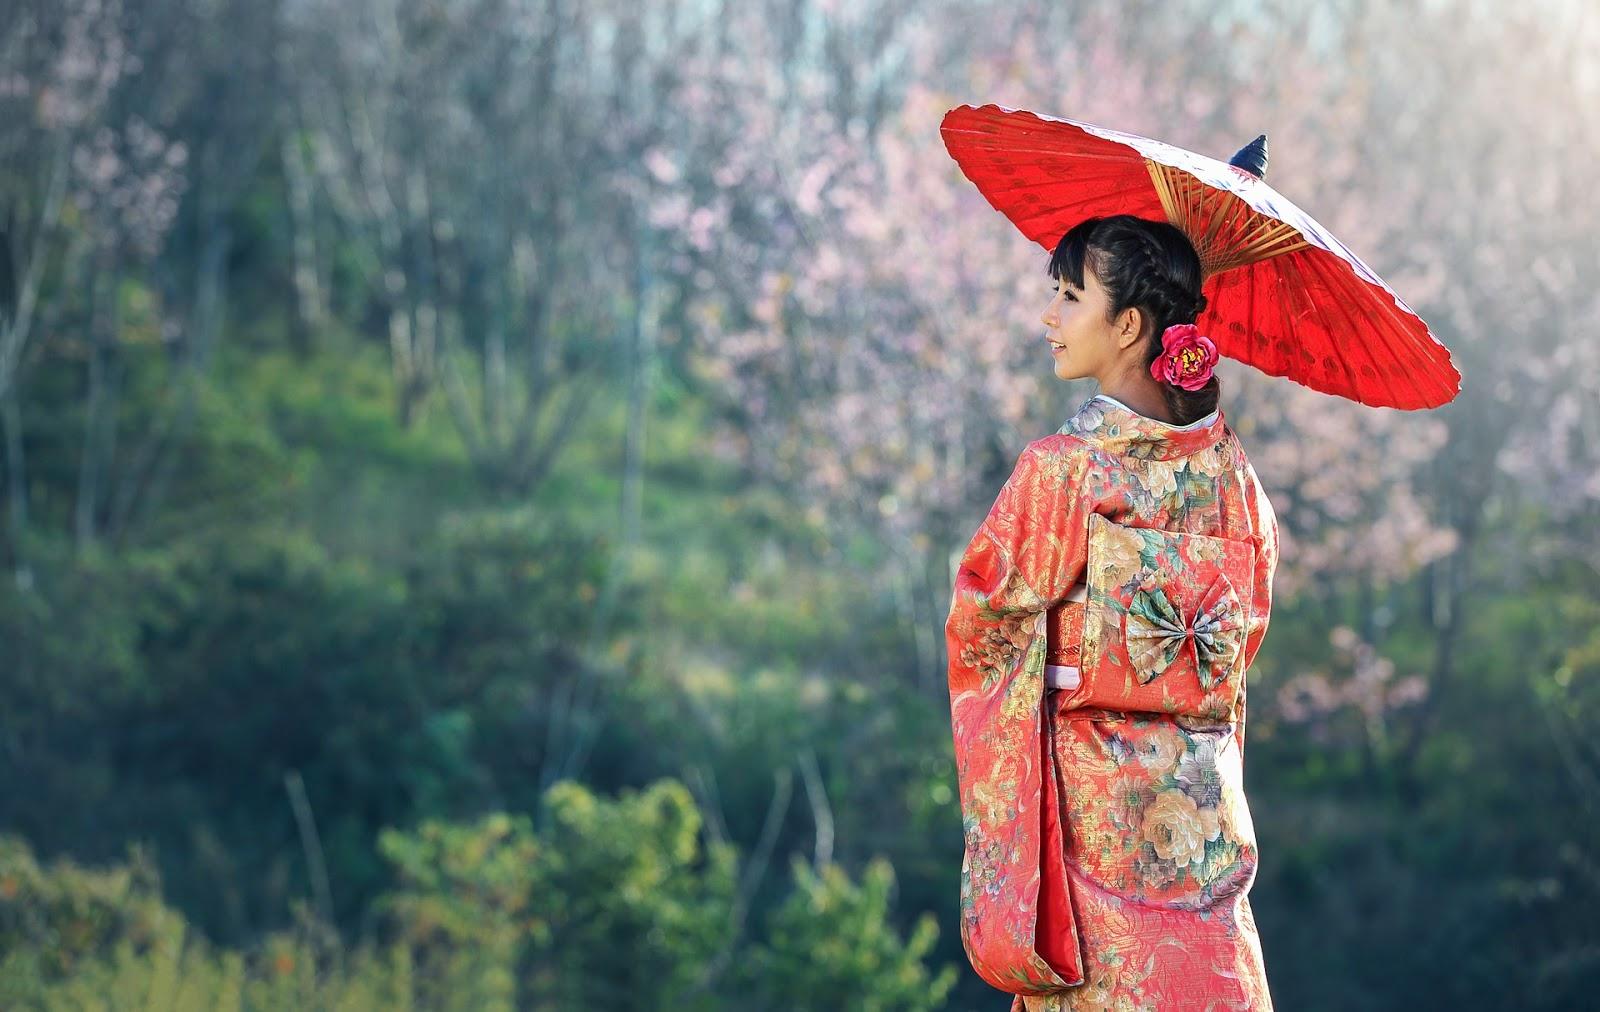 『着物(kimono)』ブーム!若者や外国人に人気な理由とは?